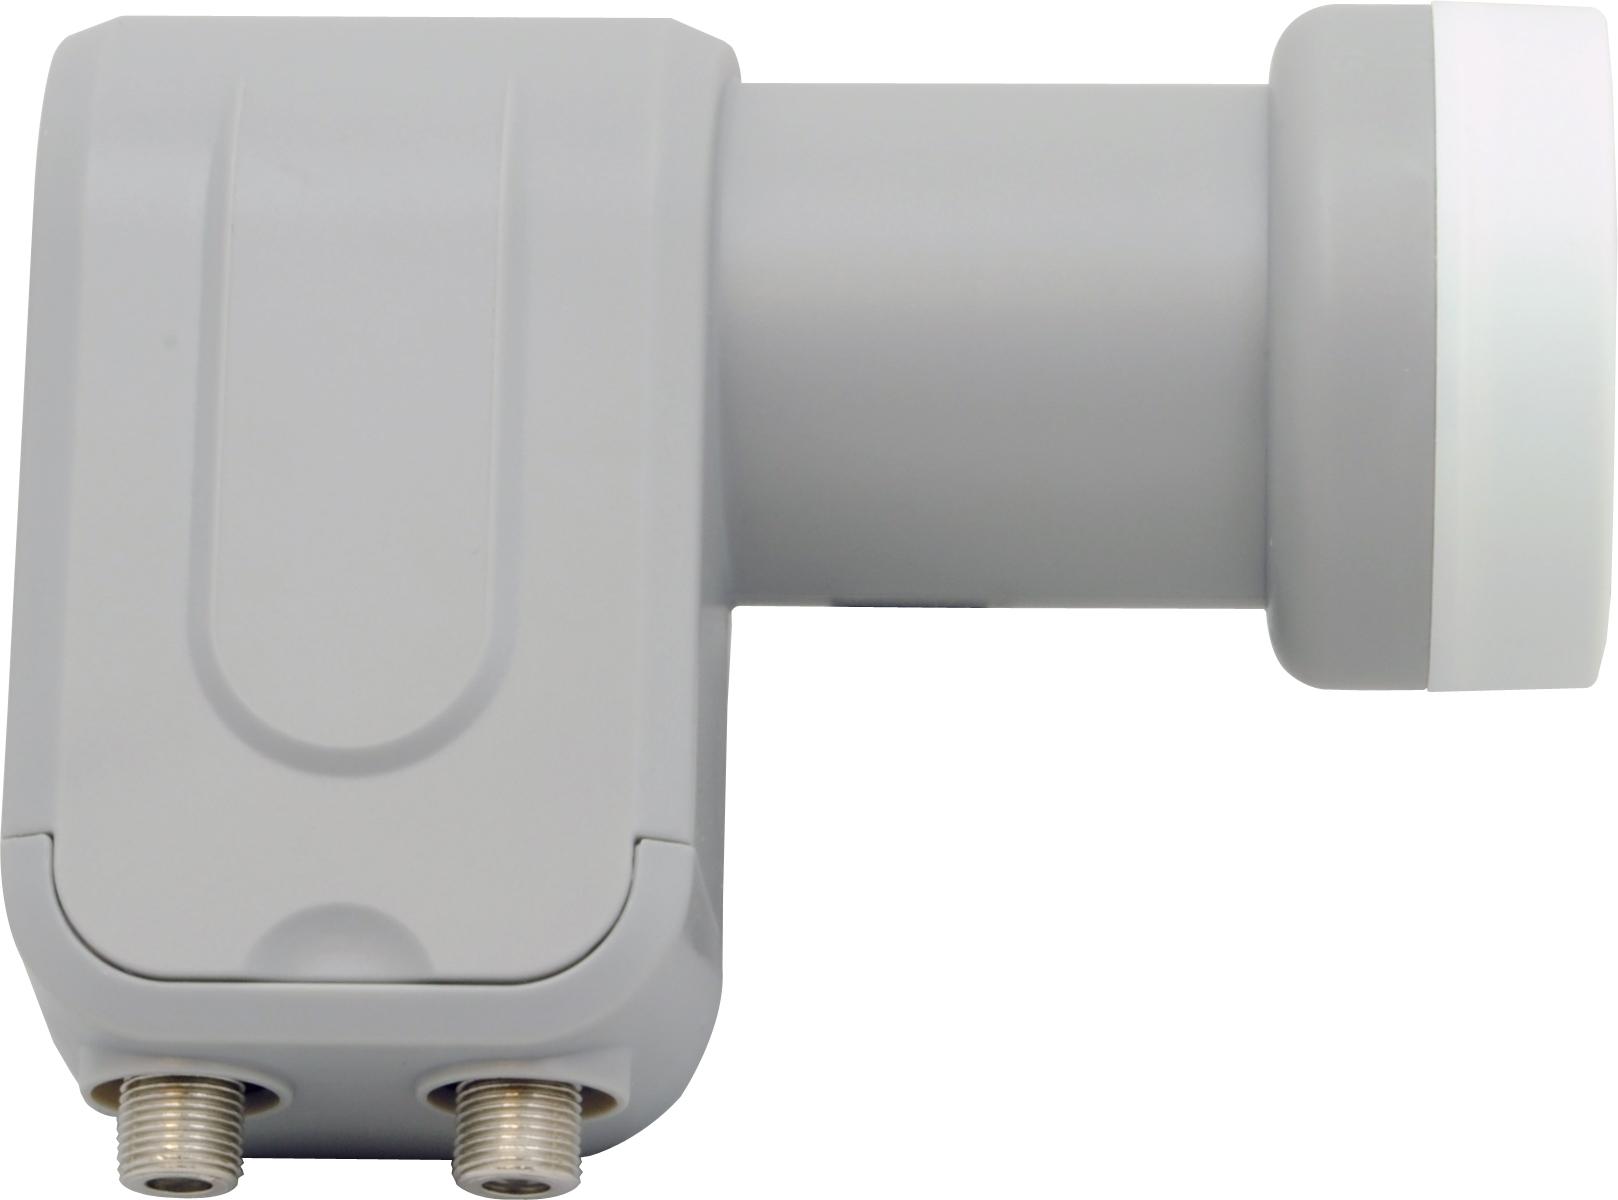 1 Stk SAT LNB Twin für den Anschluß von zwei Receivern, 40mm Hals HSATL2A---